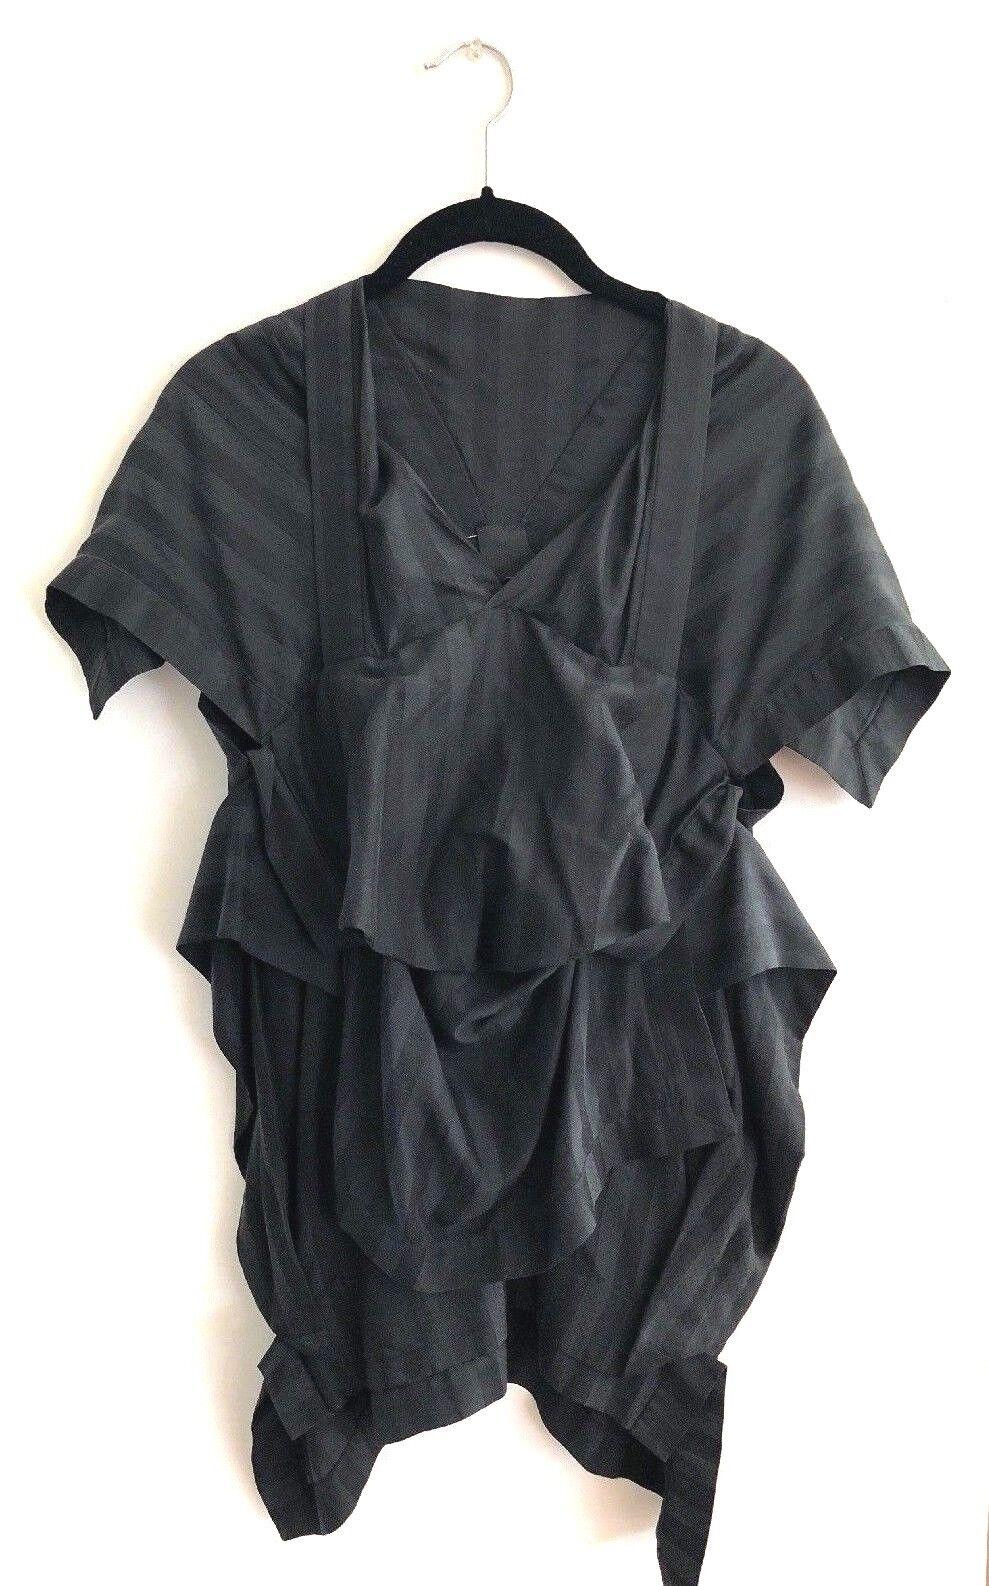 BERNARD WILHELM RARE 3D Tunic Top Shirt Japan M S 2007 A W JAPAN Totokaelo